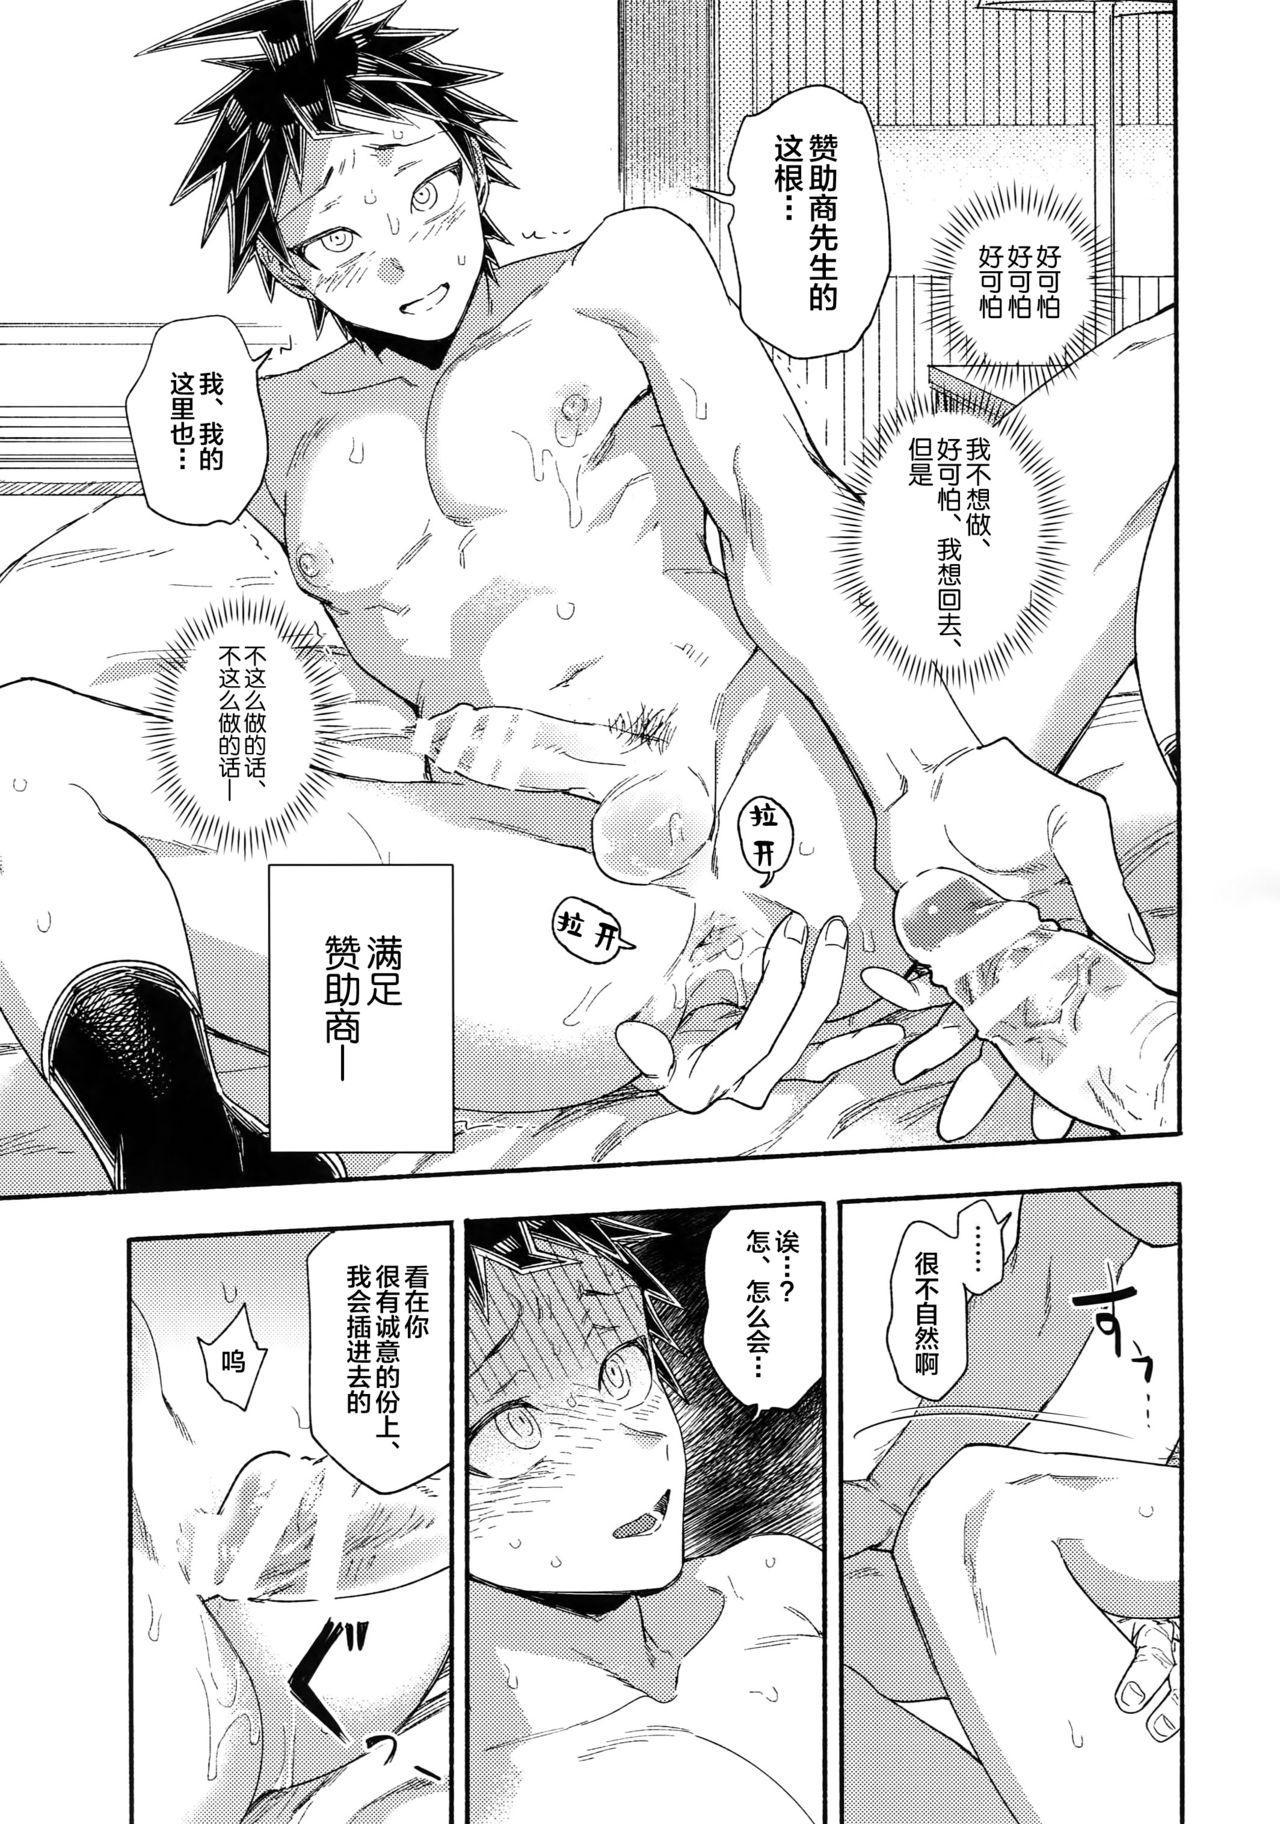 Aisareru Yobi Gakka 10